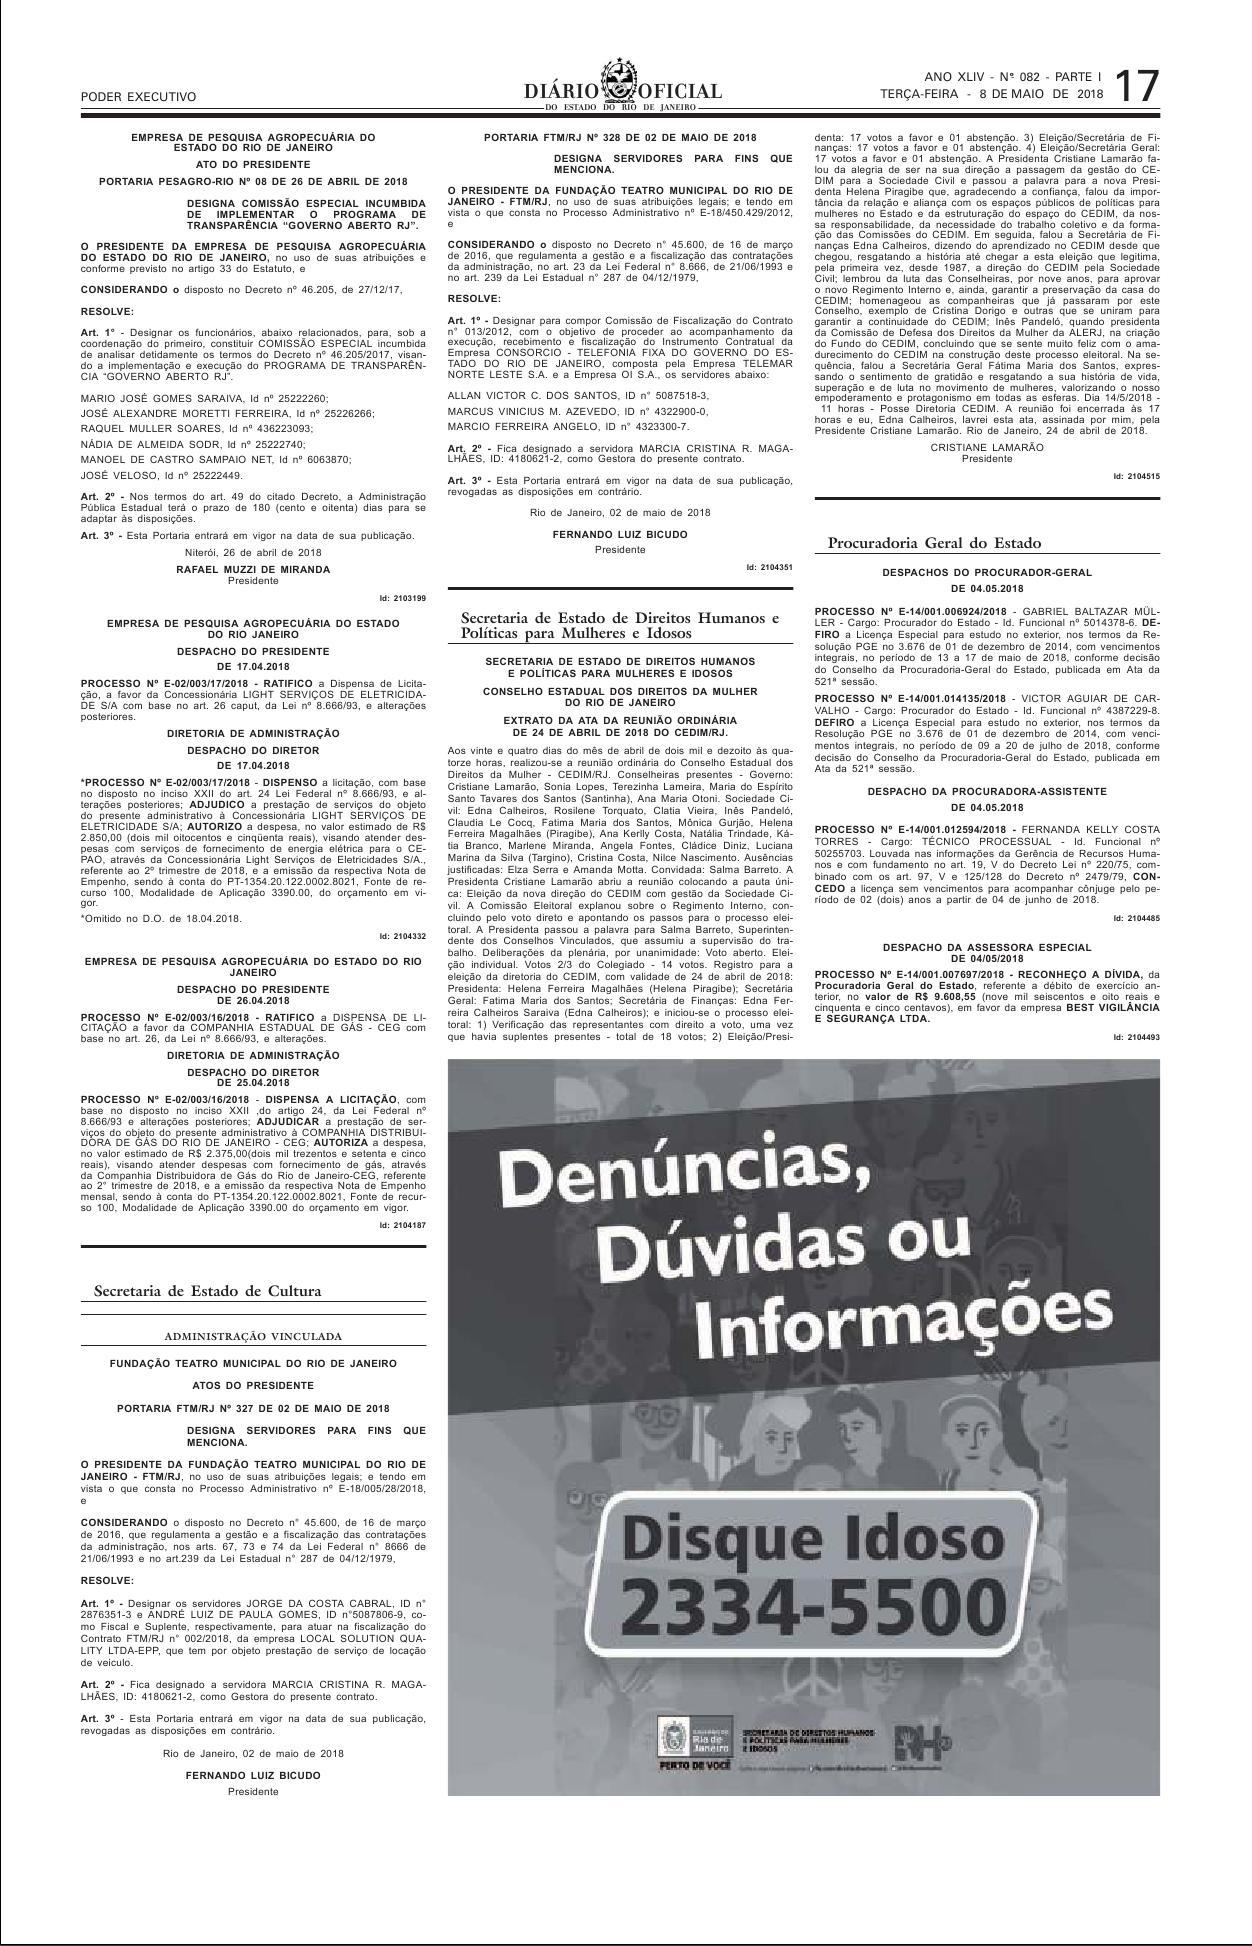 PUBLICAÇÃO DA ATA DE ELEIÇÂO DA SOCIEDADE CIVIL PARA A DIREÇÂO DO CEDIM-RJ 5f3c871d52cf6